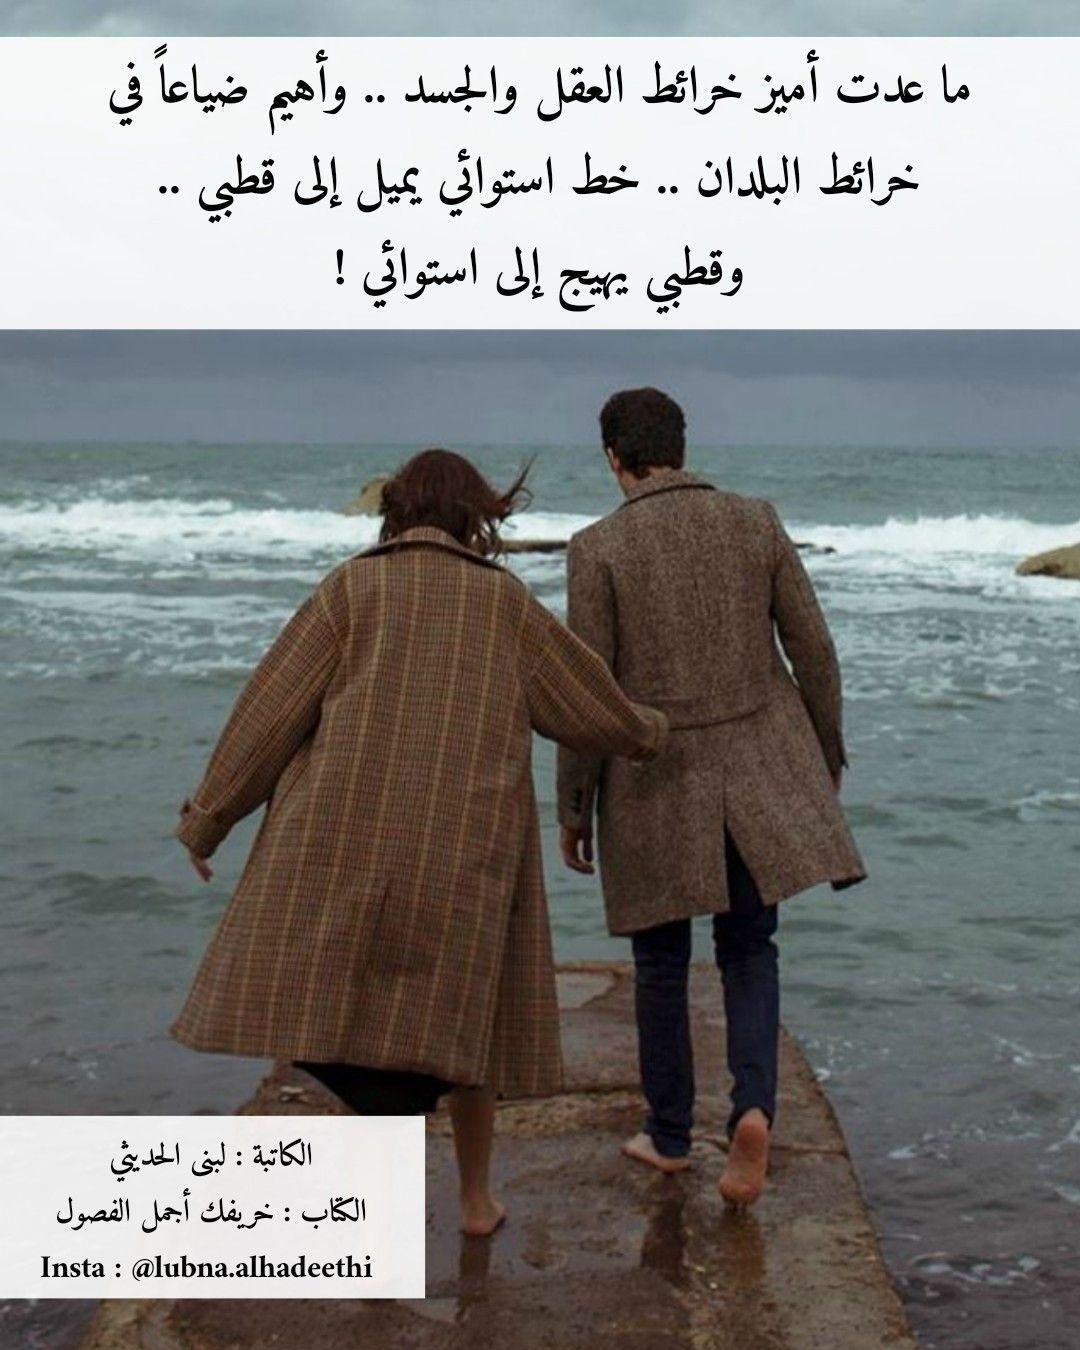 خريفك أجمل الفصول لبنى الحديثي حب اهتمام رومانسية كلمات عشق اهمال أحبك حبيبي اشتياق وفاء خيانة قلب Trench Coat Coat Jackets